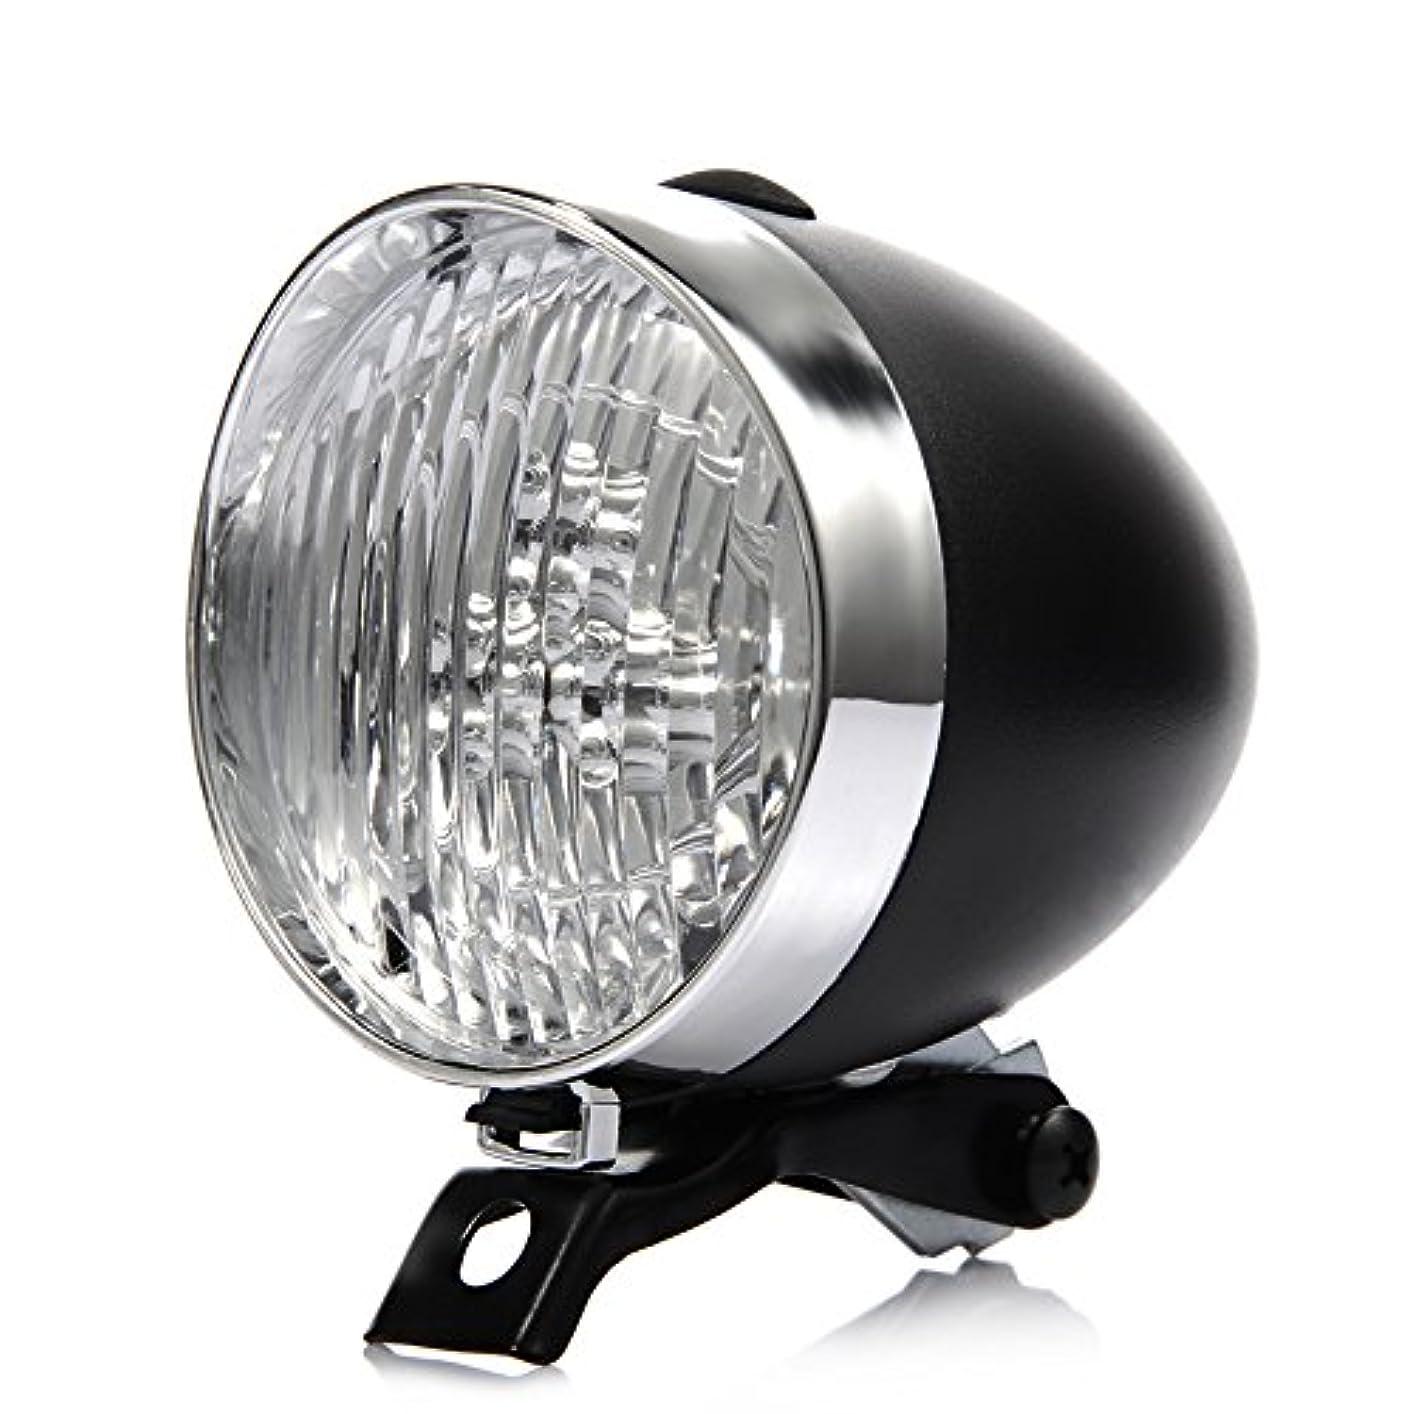 ステーキ食品時代Fastar 自転車 フロントライト LED 3灯 明るい おしゃれ かっこいい レトロ 砲弾型 自転車ヘッド 簡単 取付  配線不要 電池式  校園風 欧州風